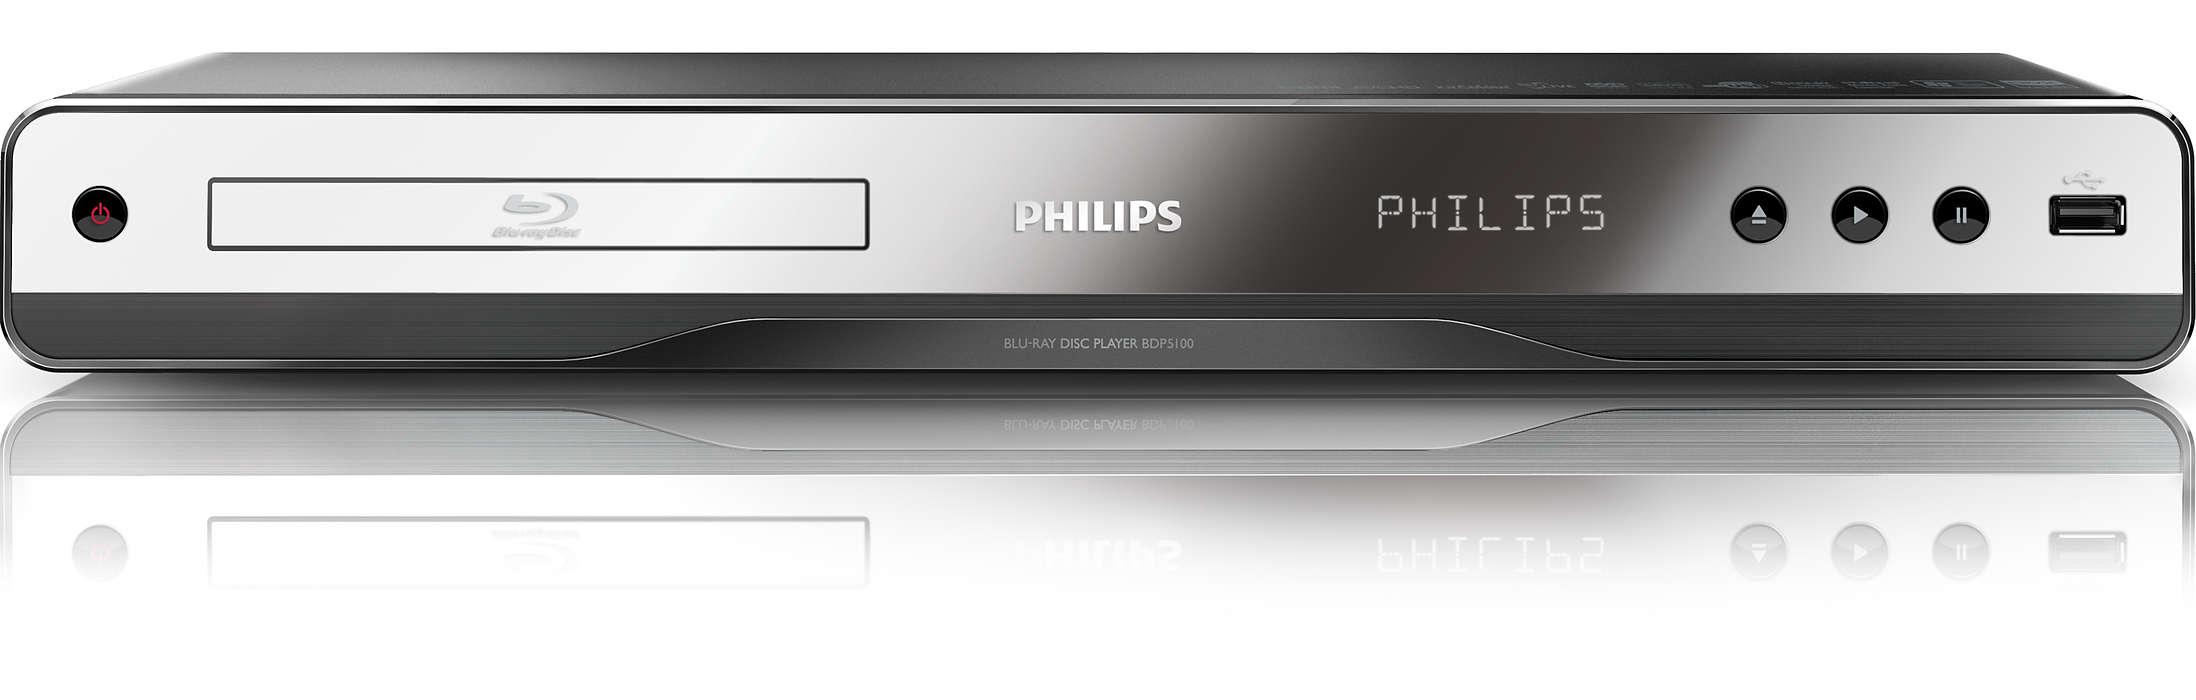 Наслаждайтесь просмотром Blu-ray дисков и любимых видео с ПК.